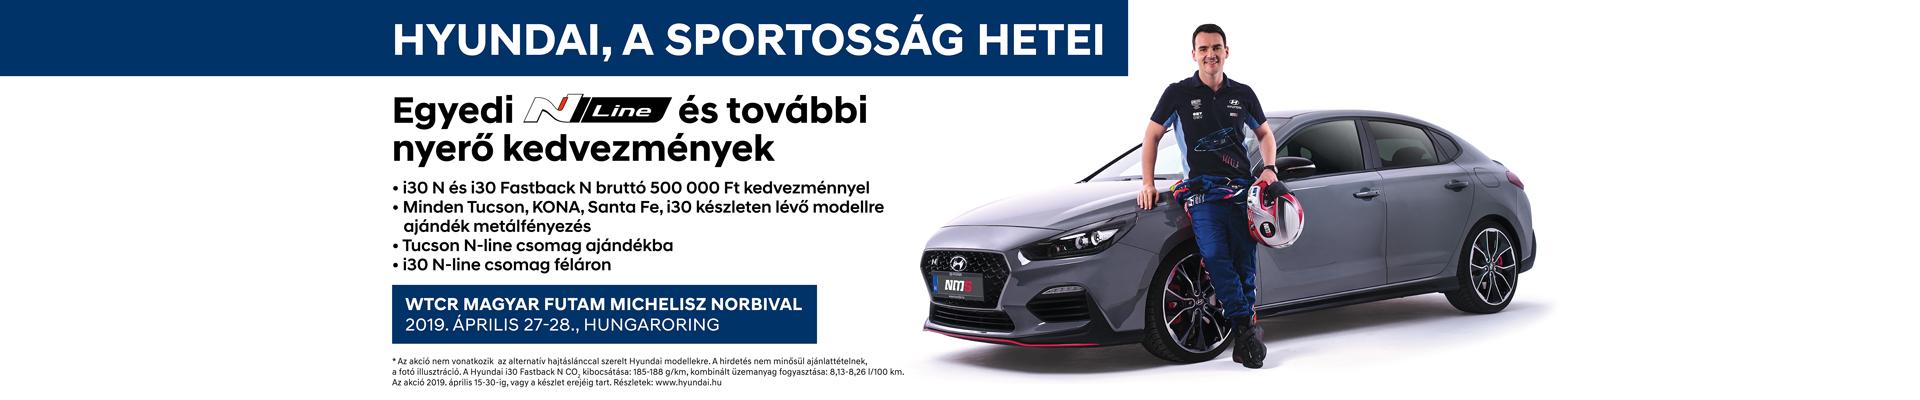 Hyundai a sportosság hetei